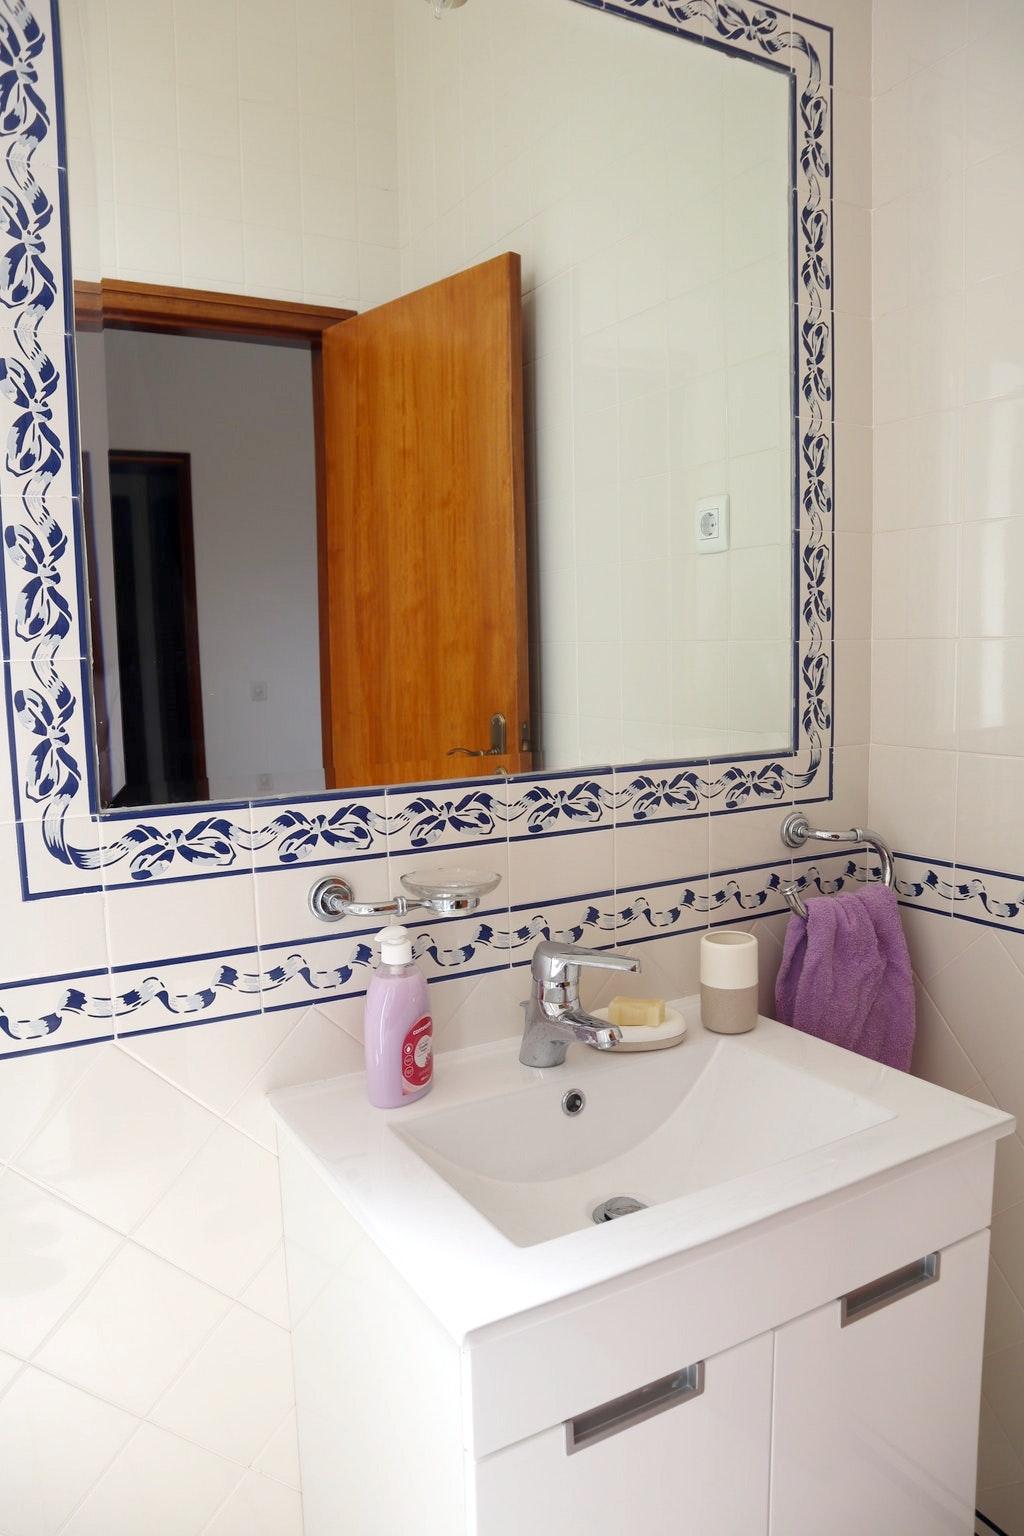 Ferienhaus Villa mit 4 Schlafzimmern in Praia de Mira mit privatem Pool, eingezäuntem Garten und W-LA (2623071), Praia de Mira, Costa de Prata, Zentral-Portugal, Portugal, Bild 5